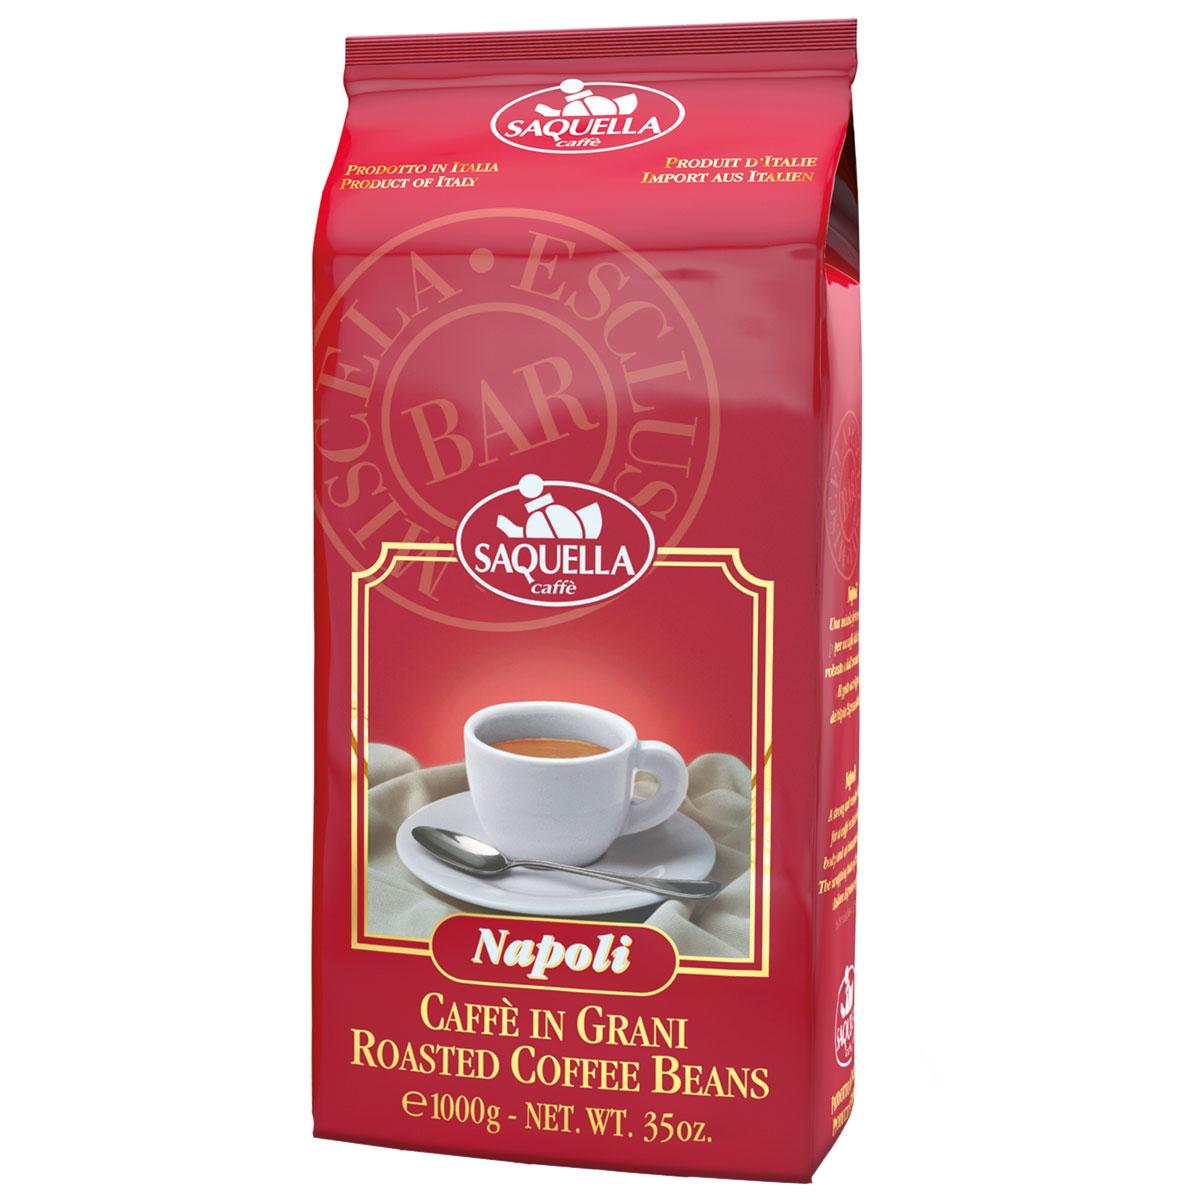 Saquella Napoli Bar кофе в зернах, 1000 г8002650004027Saquella Napoli BAR - несравненный сорт с интенсивным и насыщенным вкусом Южноамериканской арабики и Индонезийской робусты. Эта смесь имеет мягкое винное послевкусие и густую пенку. Благодаря низкому содержанию кофеина, напиток можно употреблять и в вечернее время.